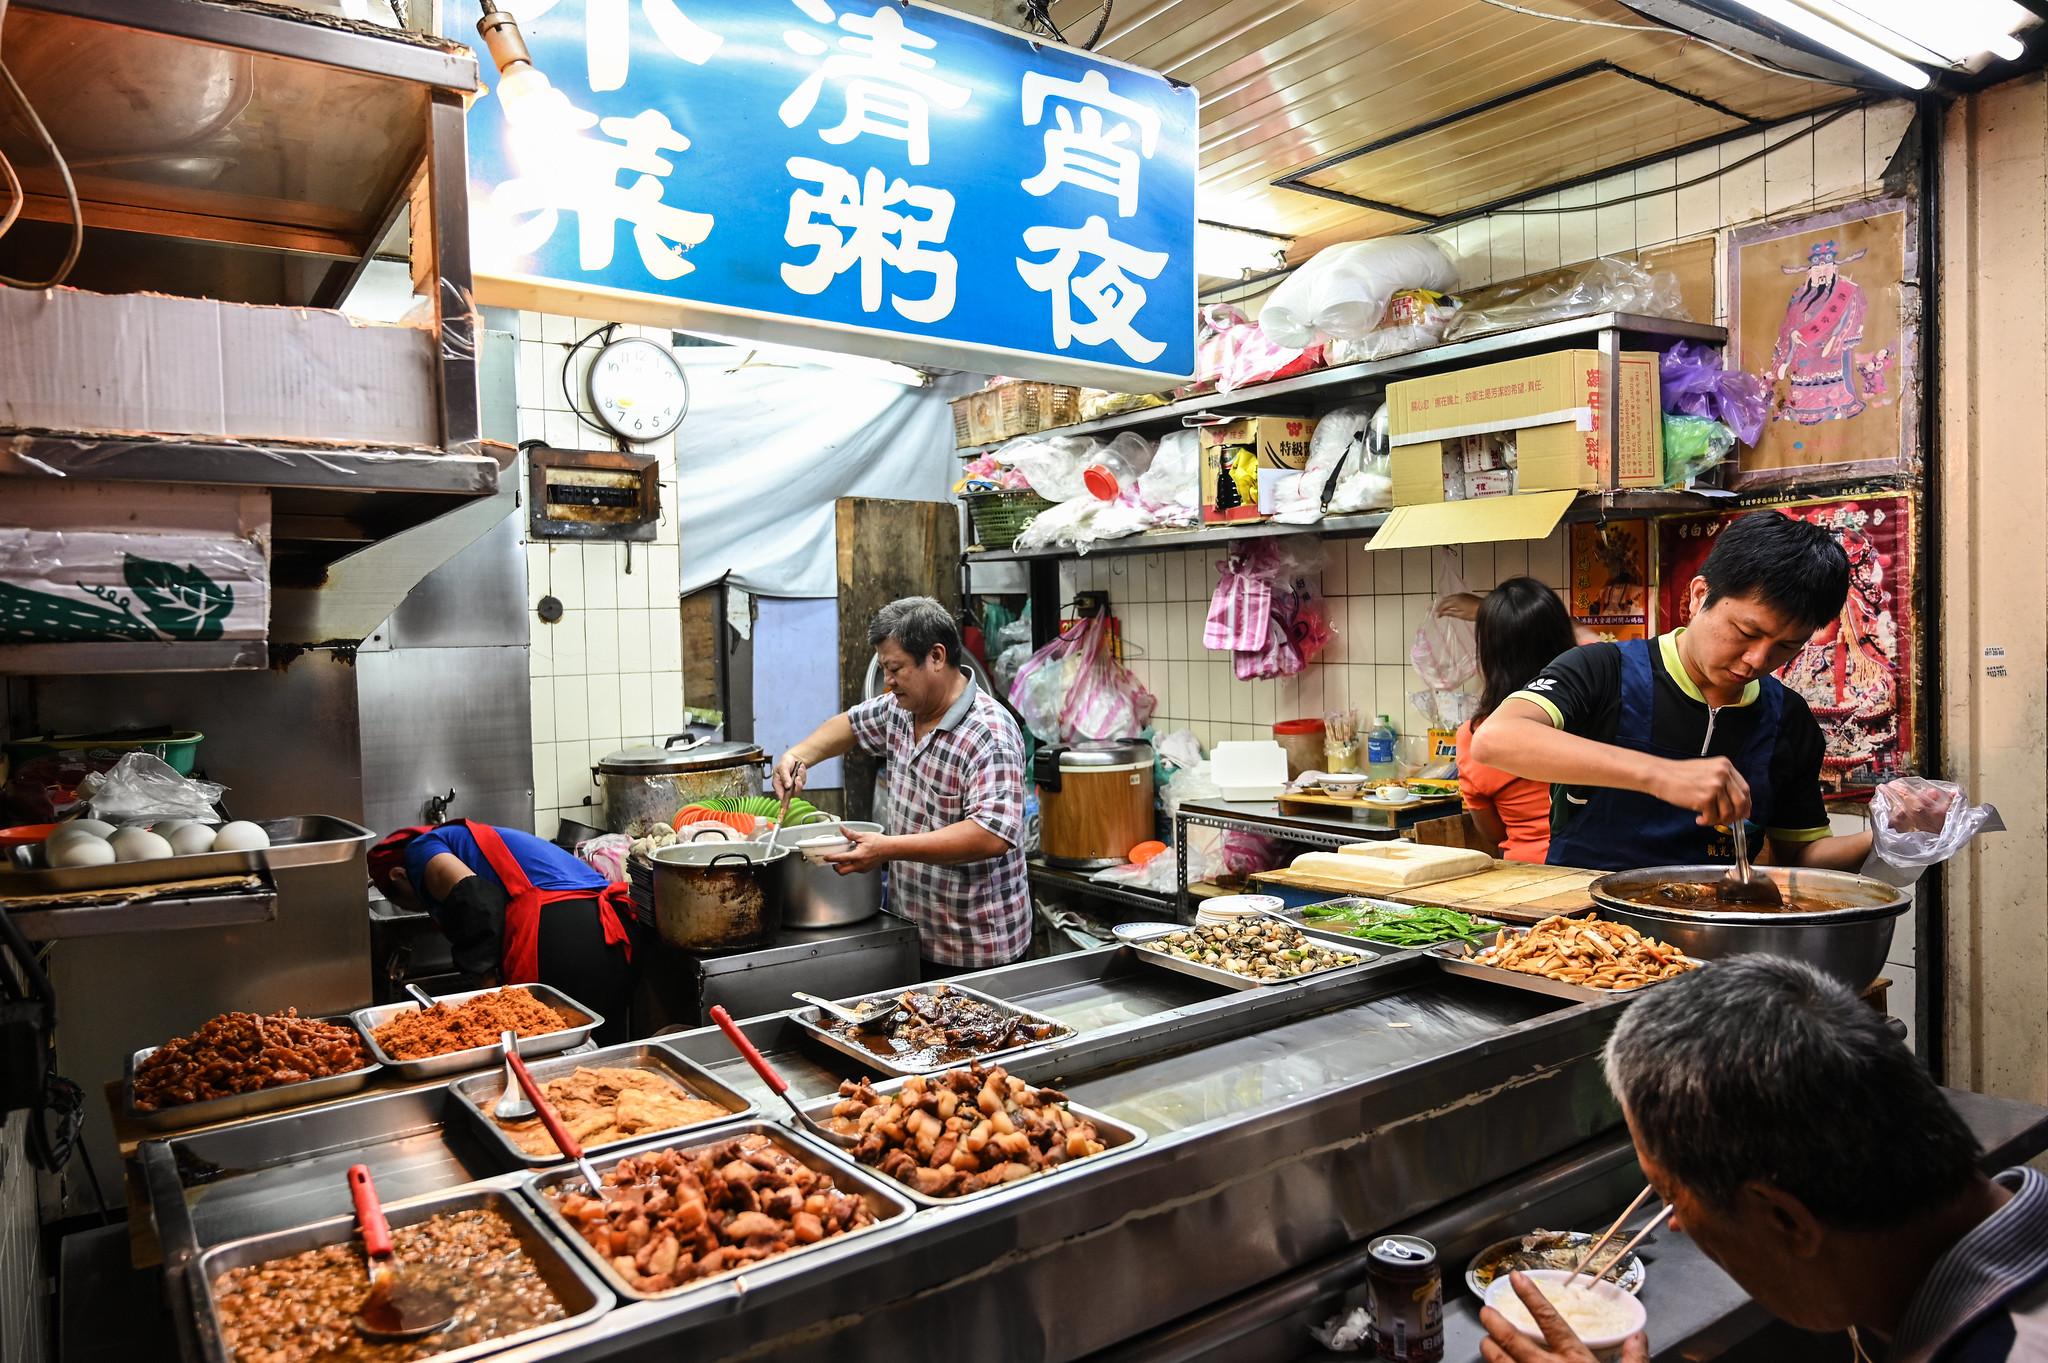 台北/萬華-艋舺小吃巡禮(二十八)-順利清粥小菜